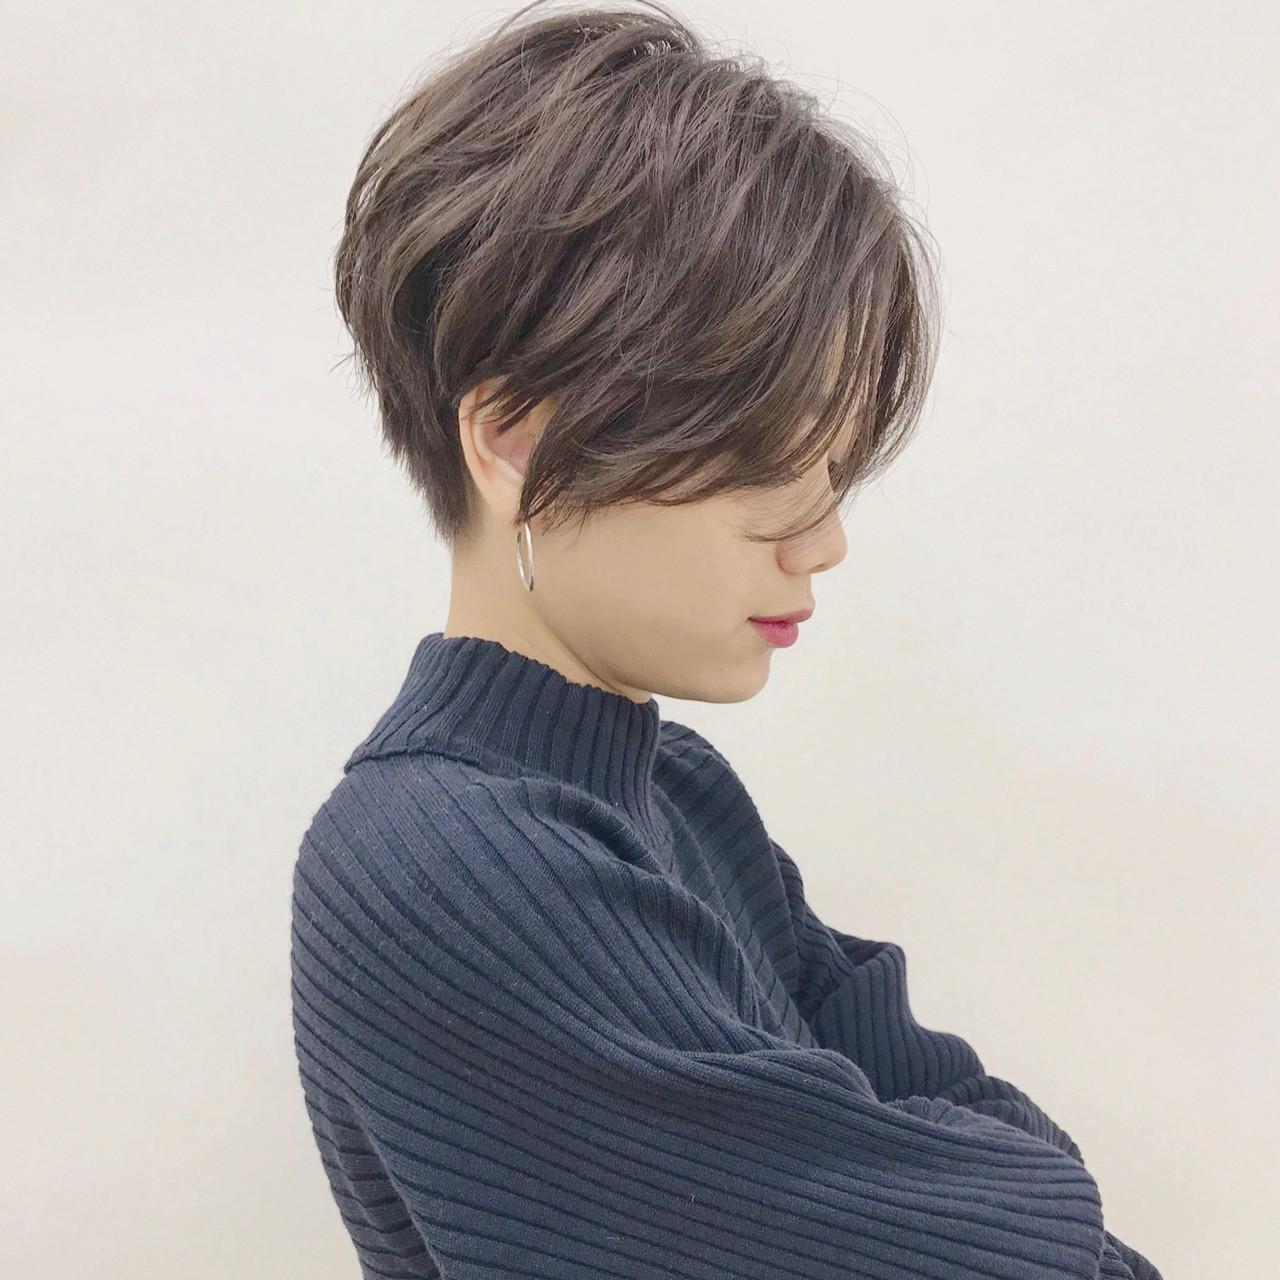 スポーツ ショート 黒髪 パーマ ヘアスタイルや髪型の写真・画像 | ショートヘア美容師 #ナカイヒロキ / 『send by HAIR』